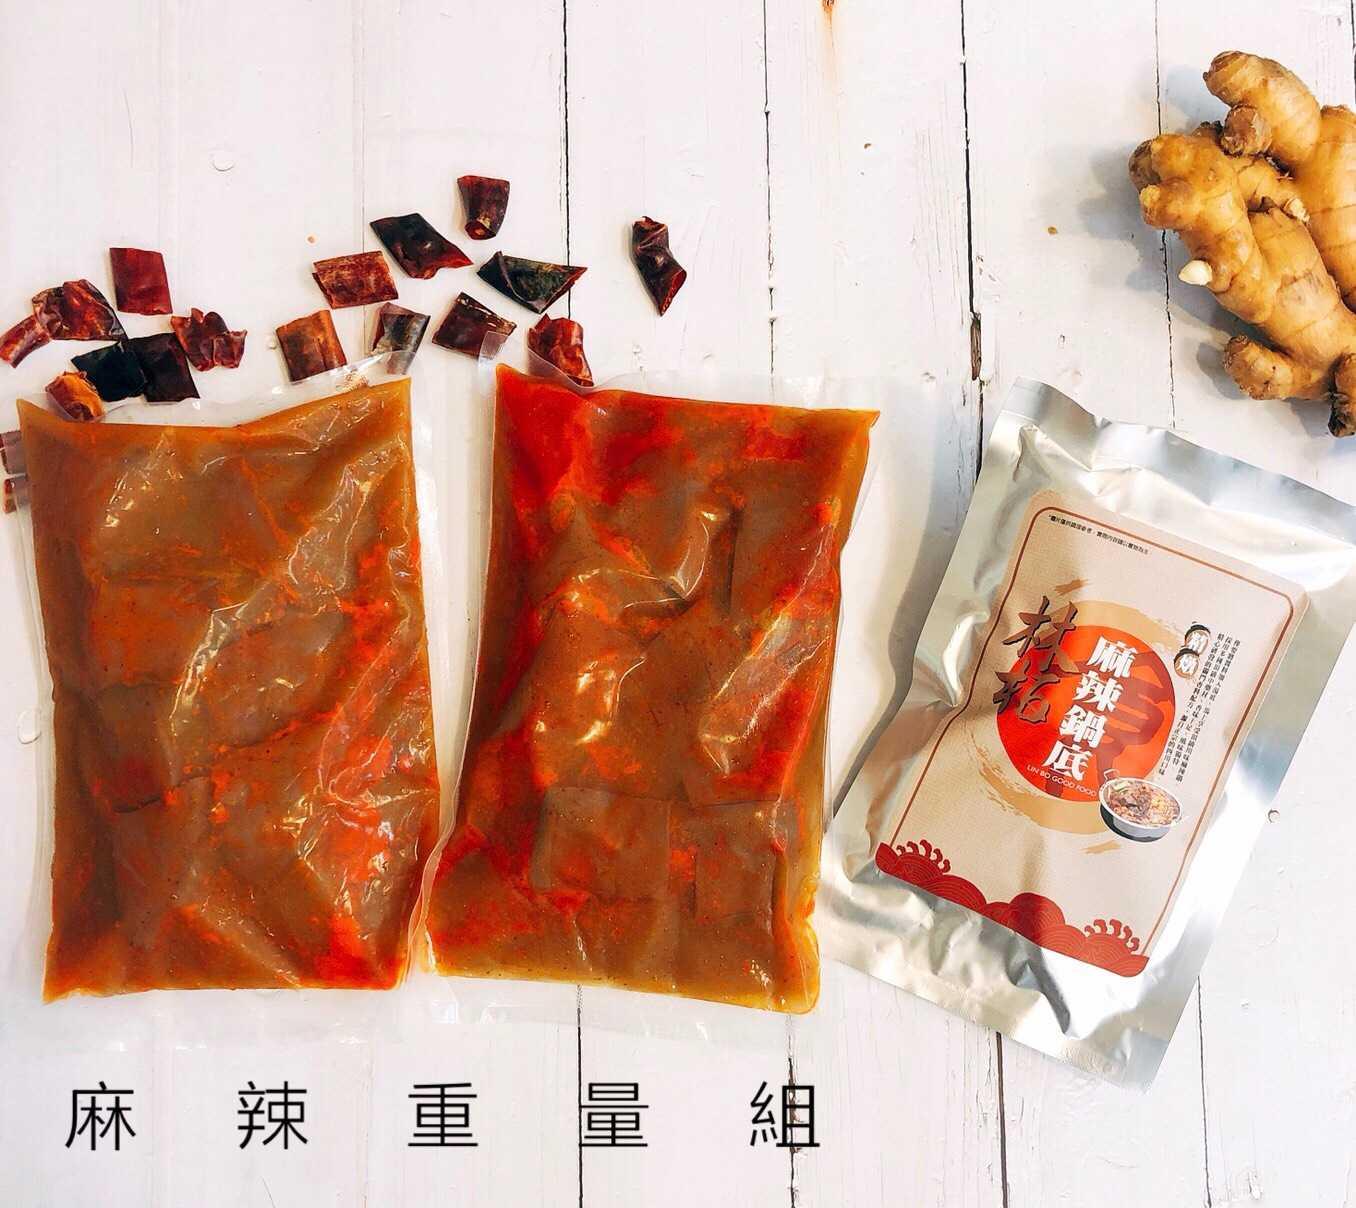 【林柏好食】麻辣重量組(1包鍋底+2包鴨血)